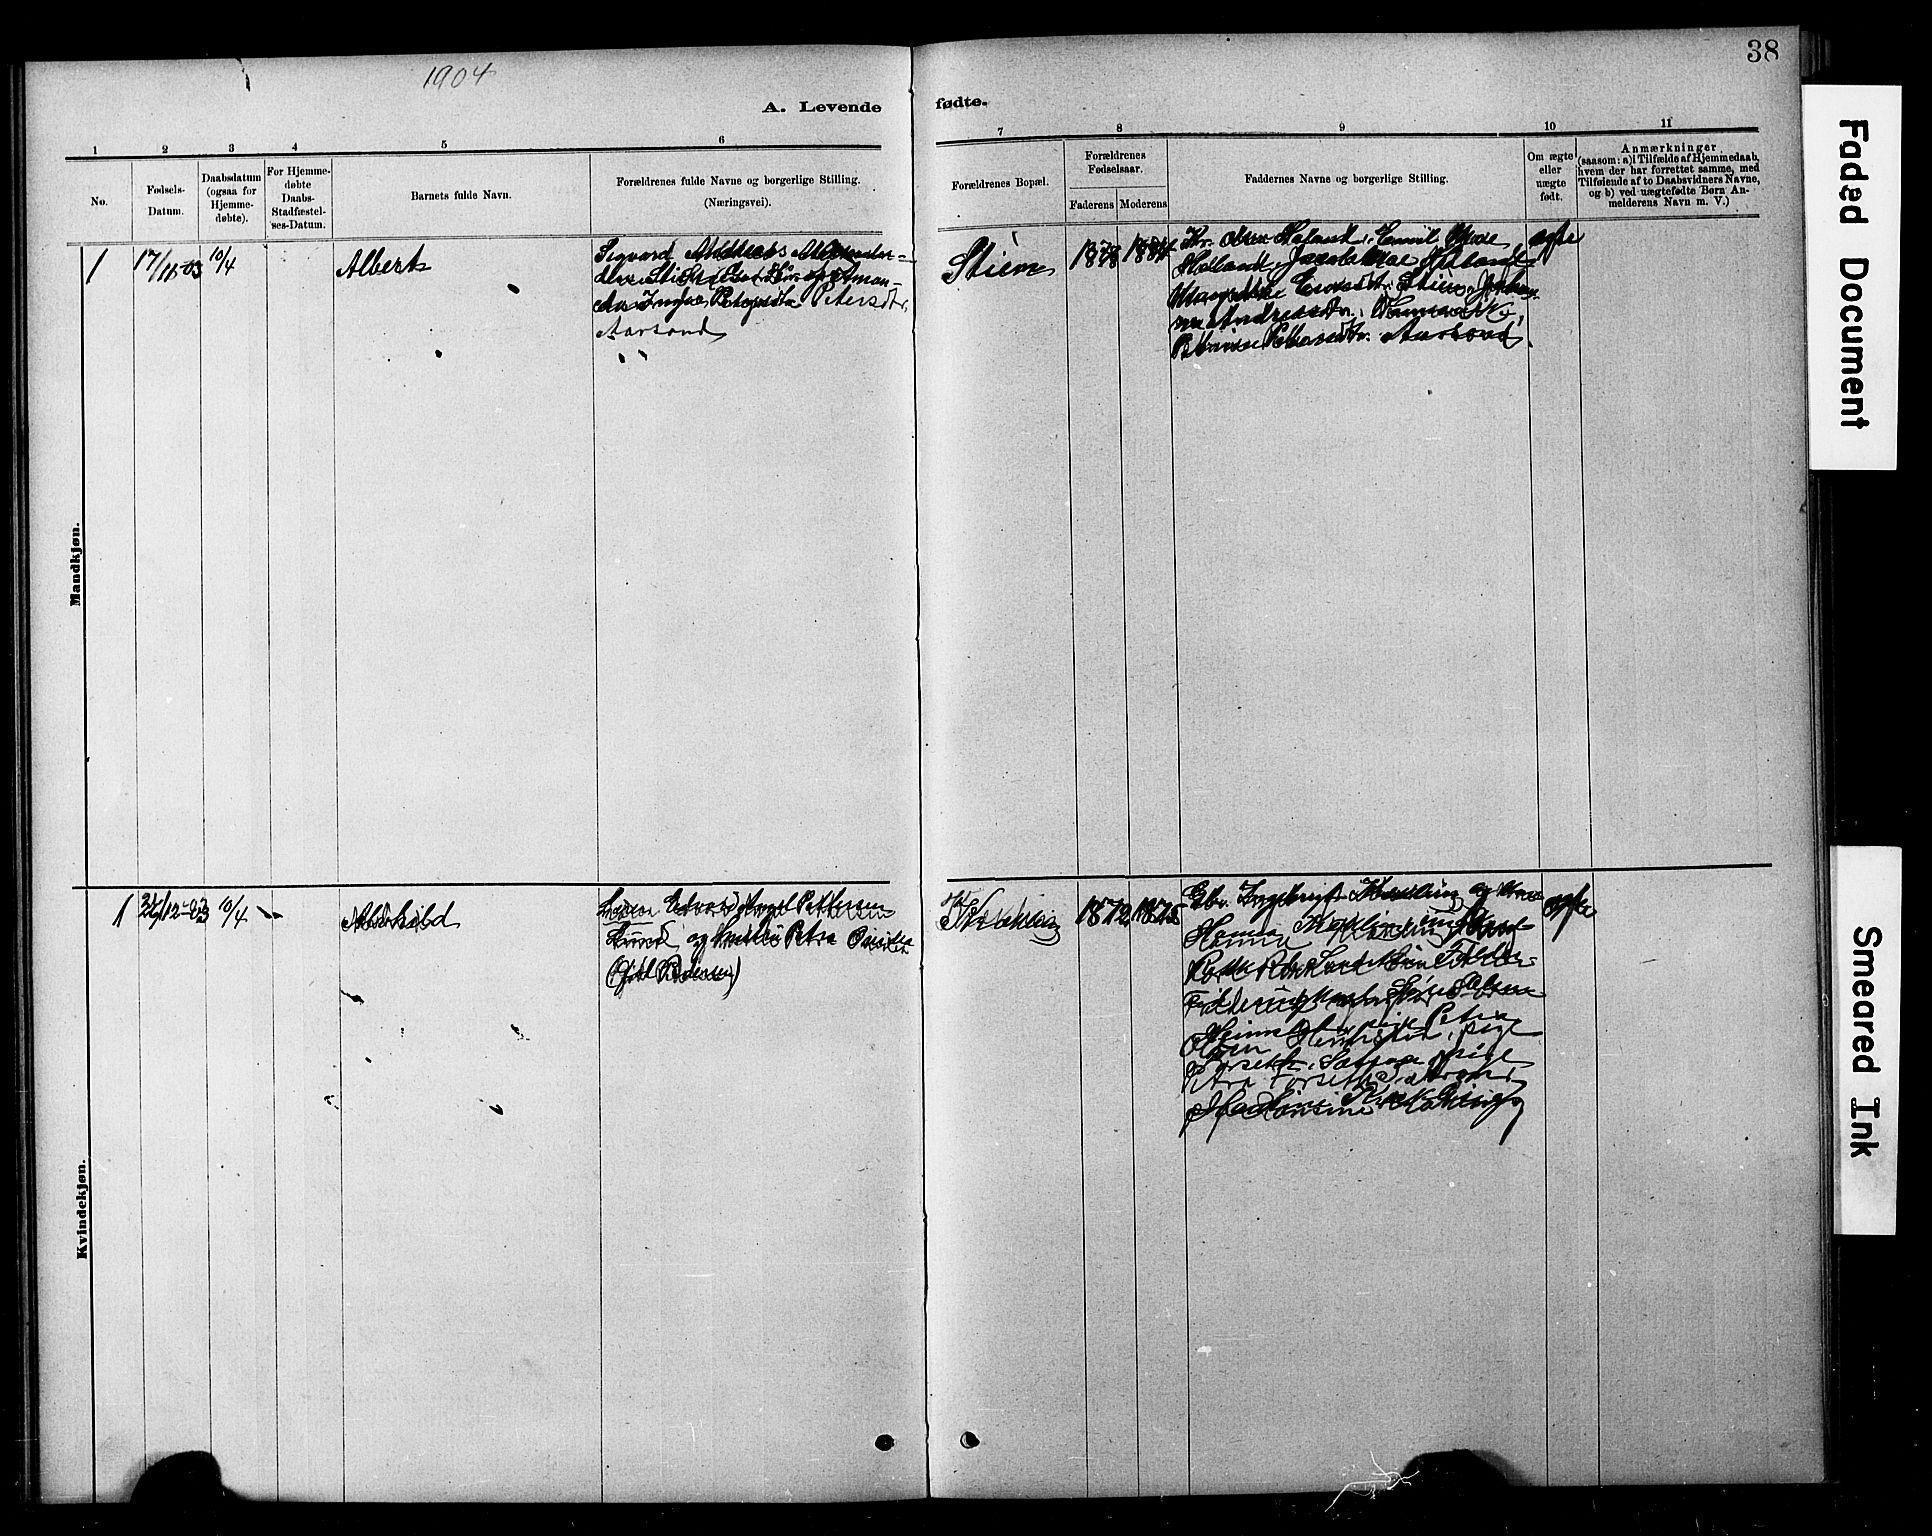 SAT, Ministerialprotokoller, klokkerbøker og fødselsregistre - Nord-Trøndelag, 783/L0661: Klokkerbok nr. 783C01, 1878-1893, s. 38